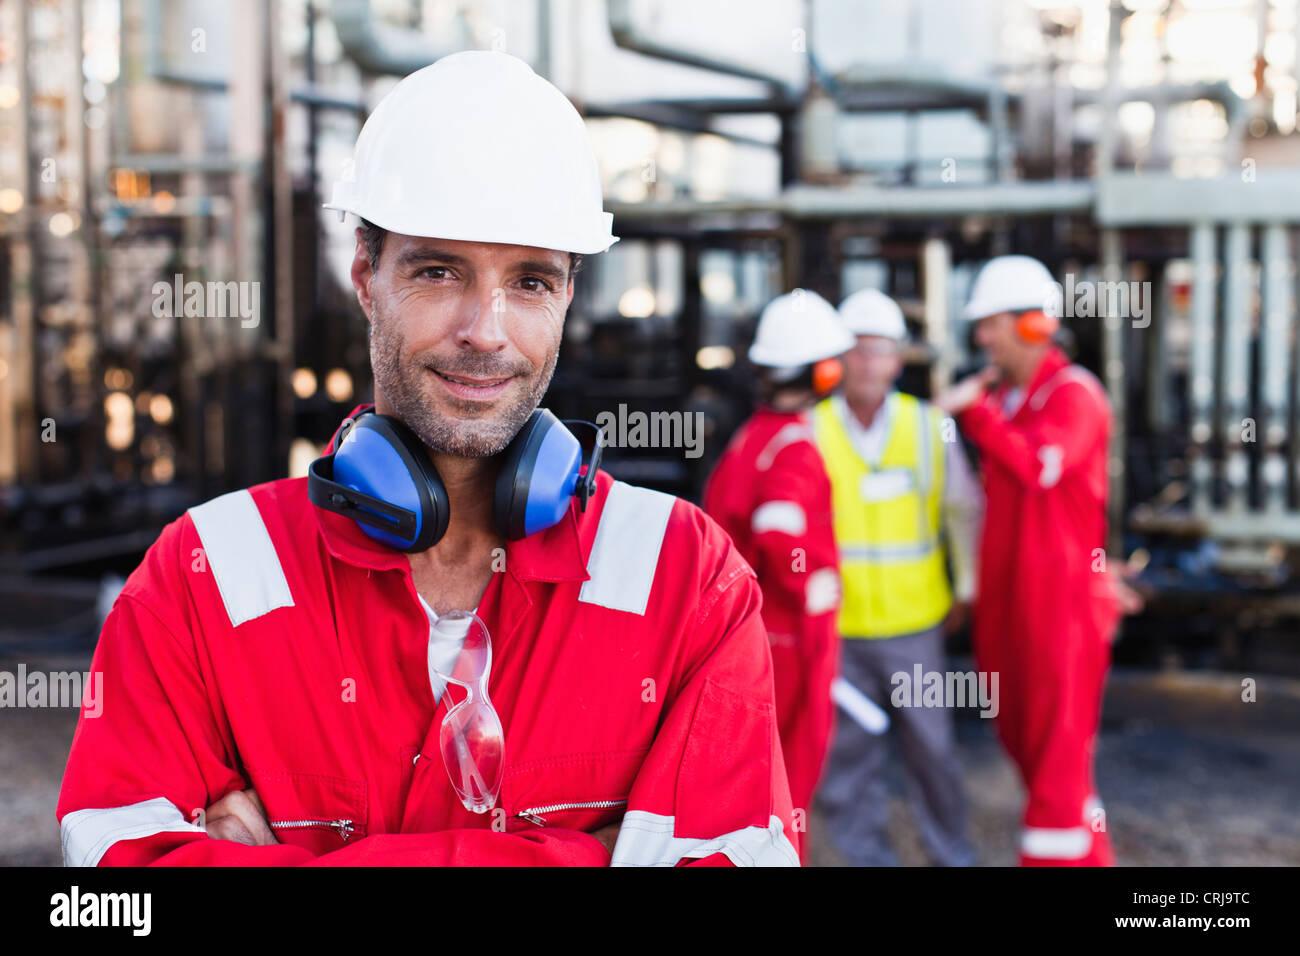 Lavoratore in piedi presso l'impianto chimico Immagini Stock